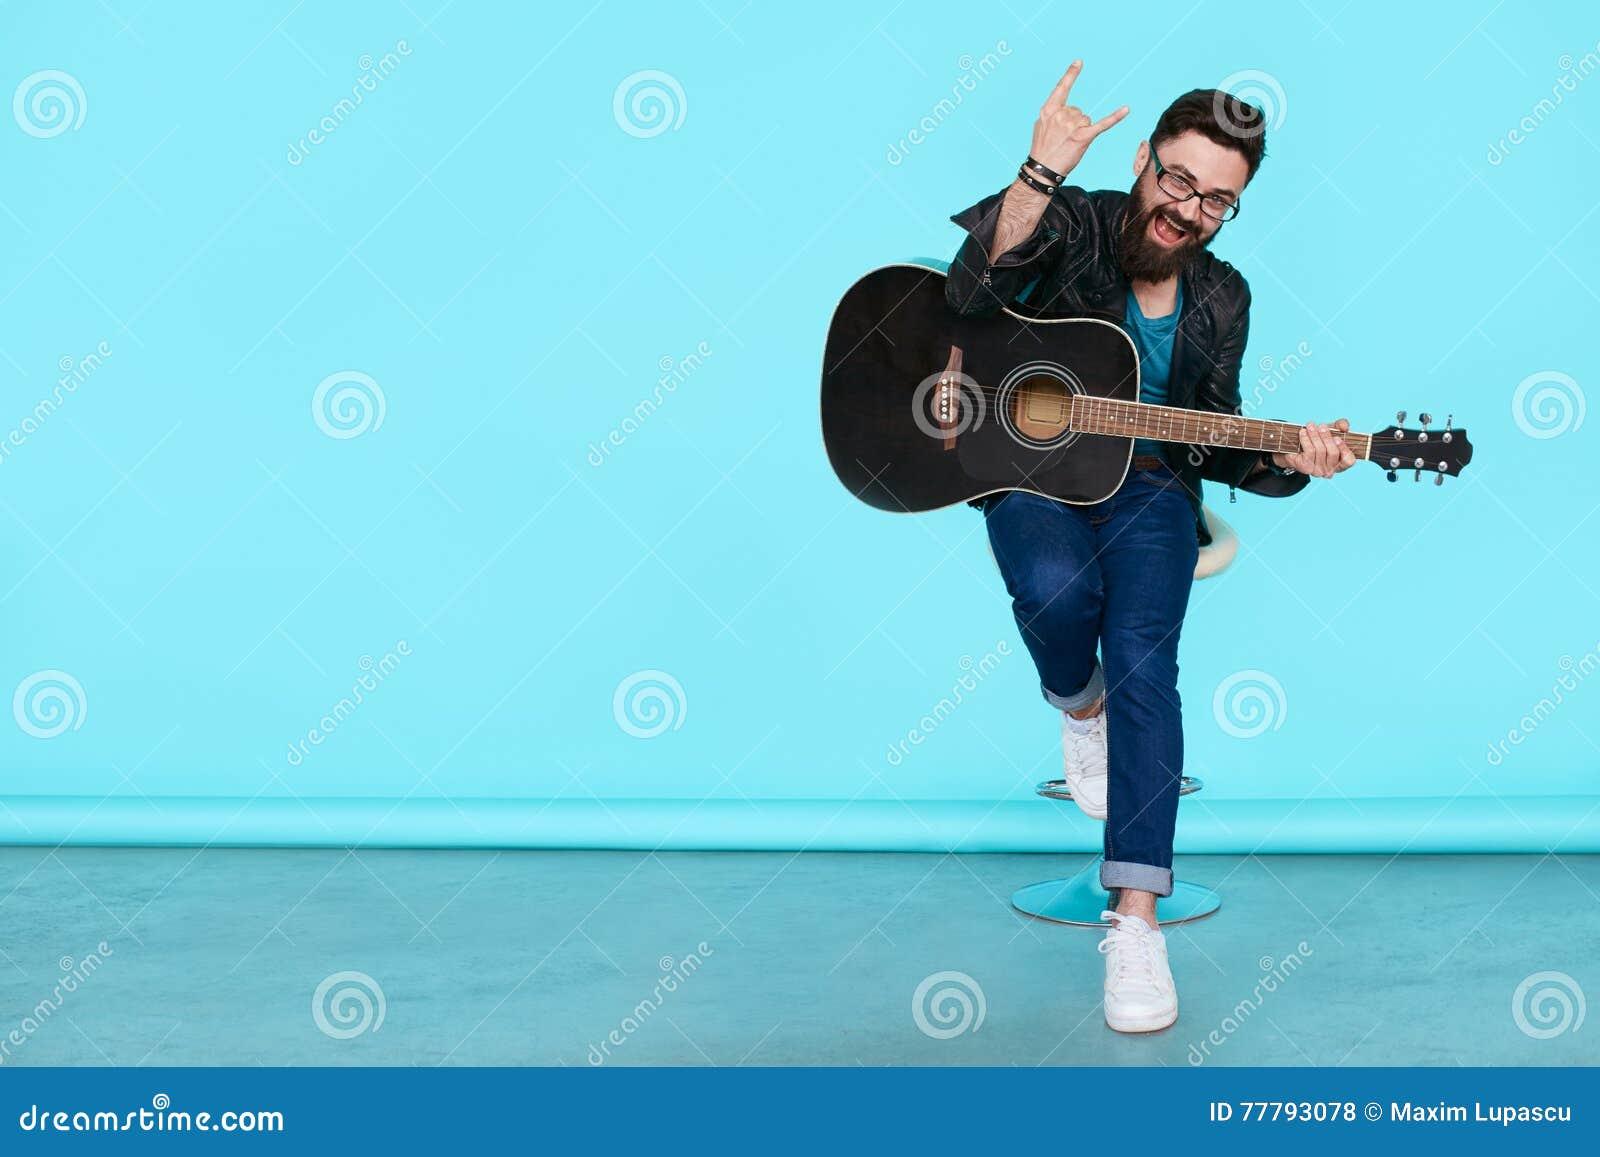 Glücklicher junger Punkrocker mit einer Gitarre und einer dunklen Sonnenbrille